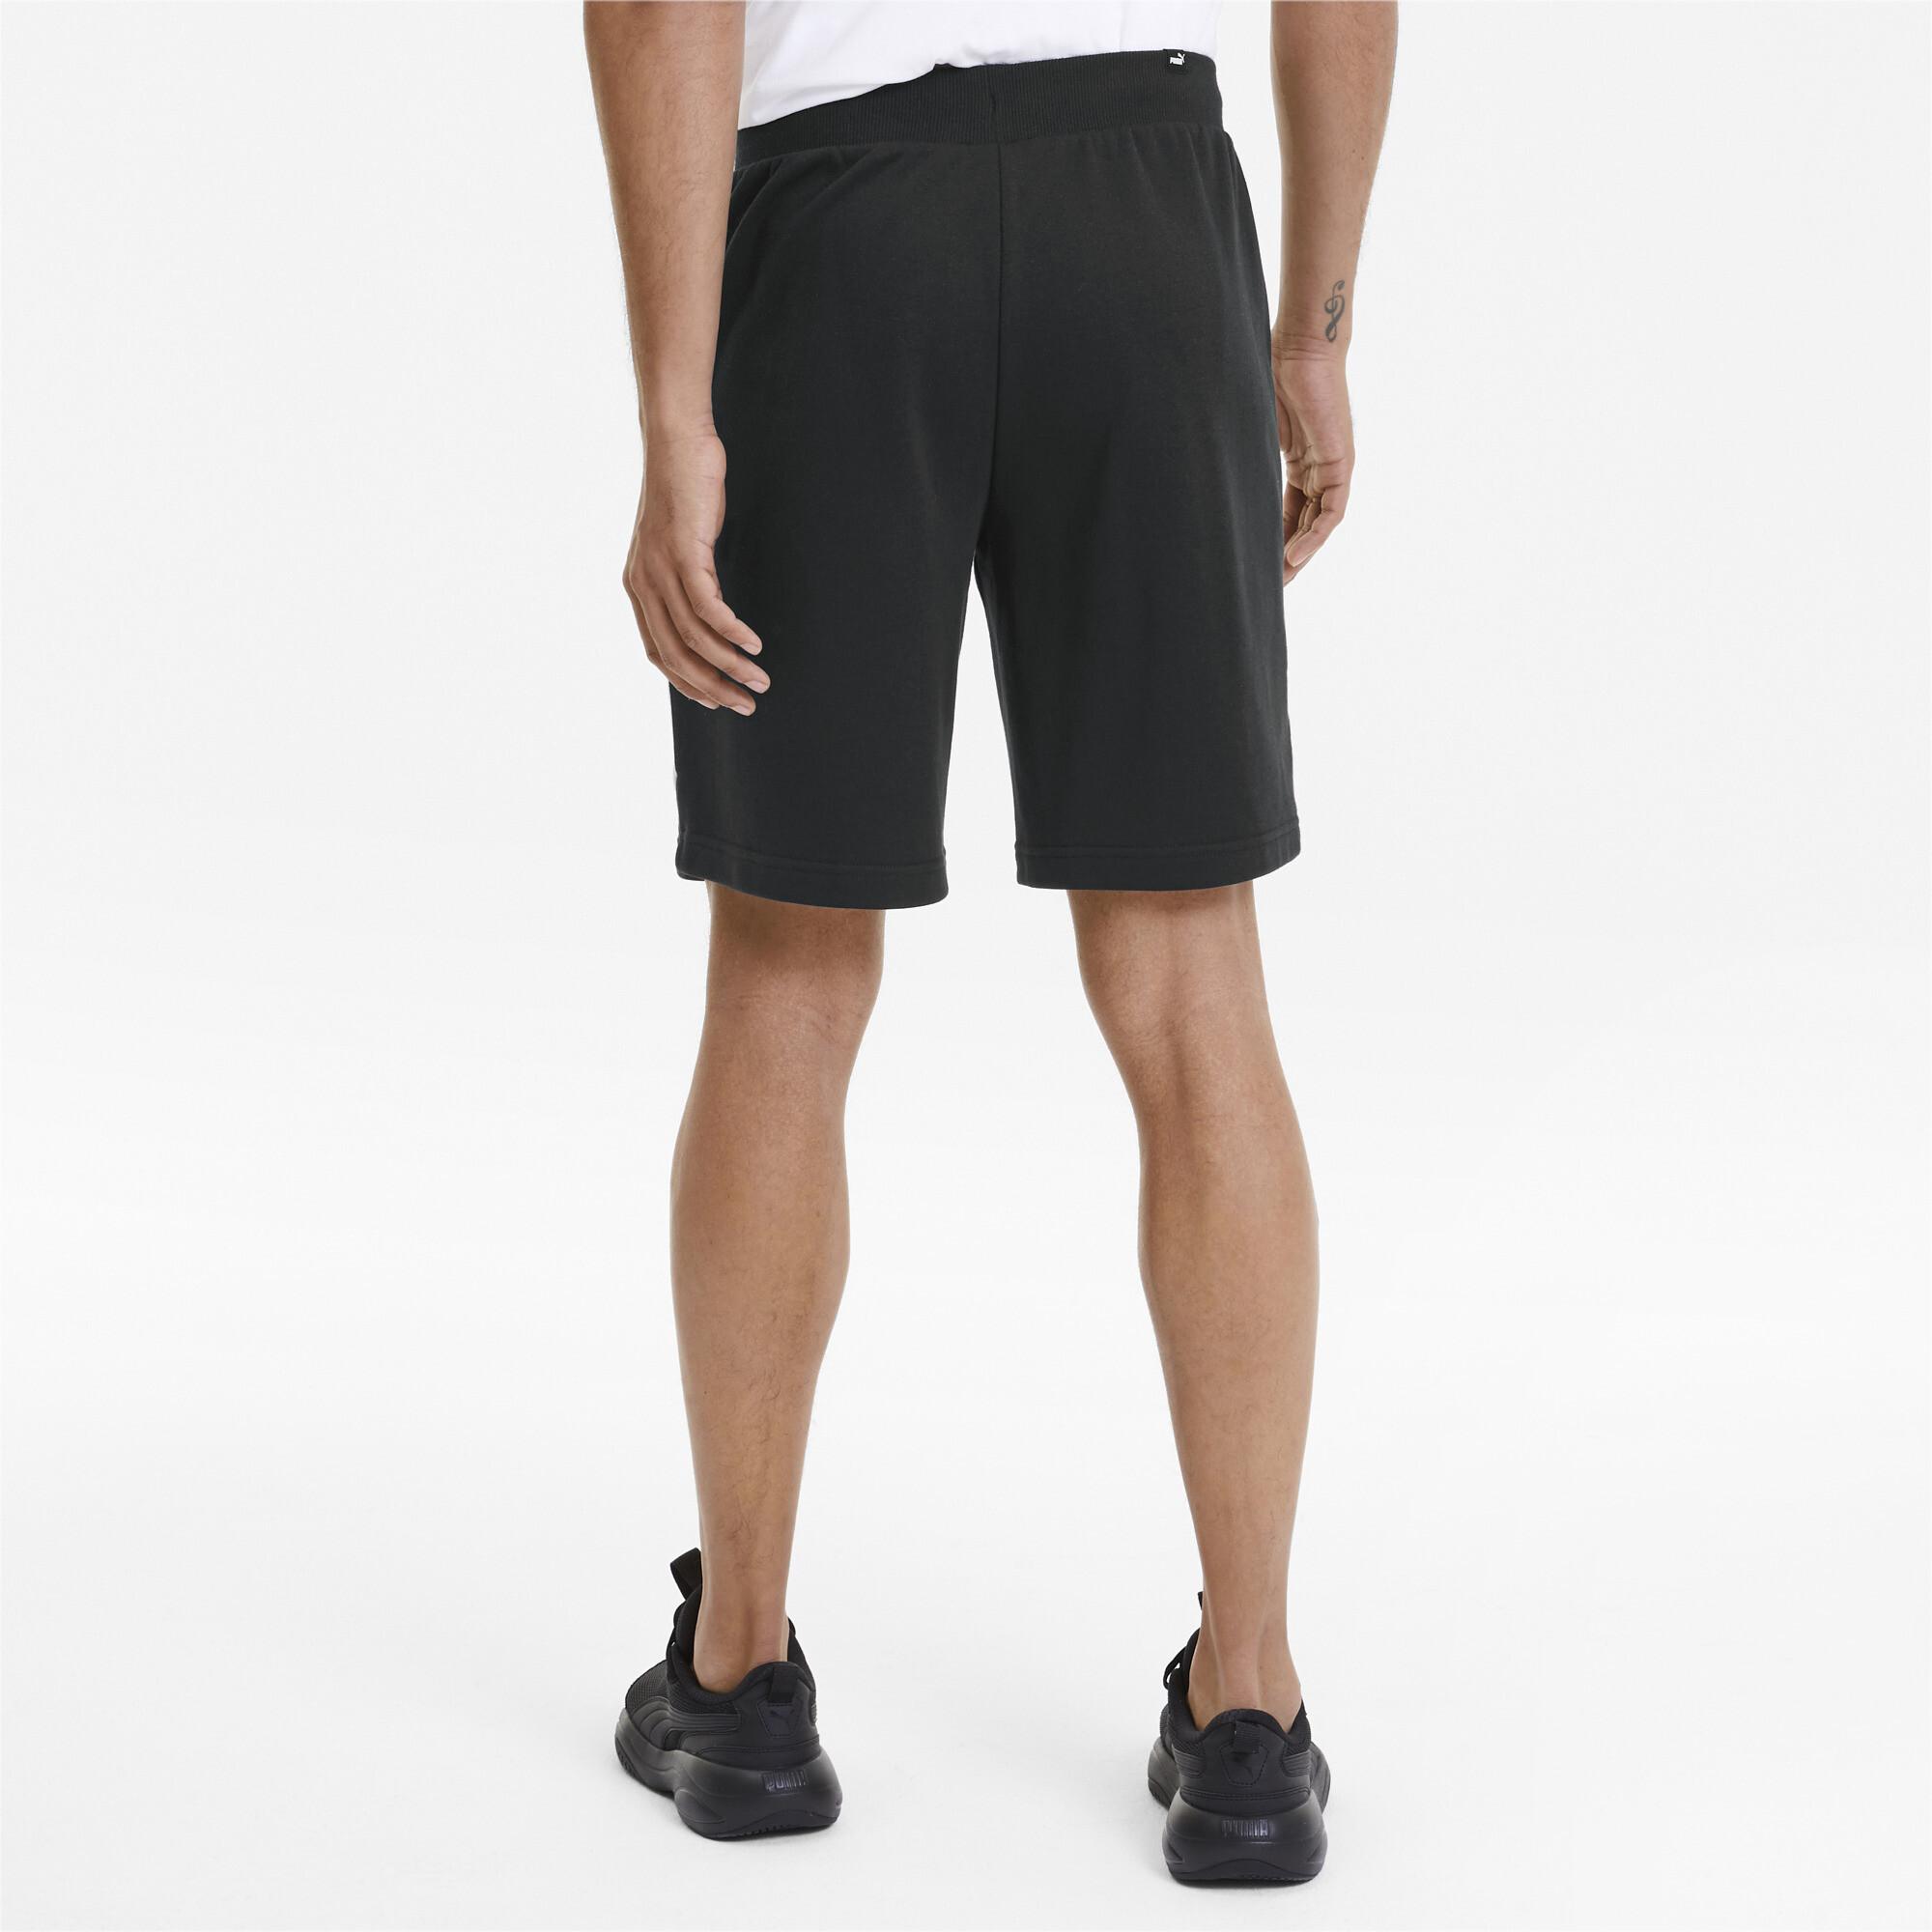 PUMA-Rebel-Block-Men-039-s-Shorts-Men-Knitted-Shorts-Basics thumbnail 5